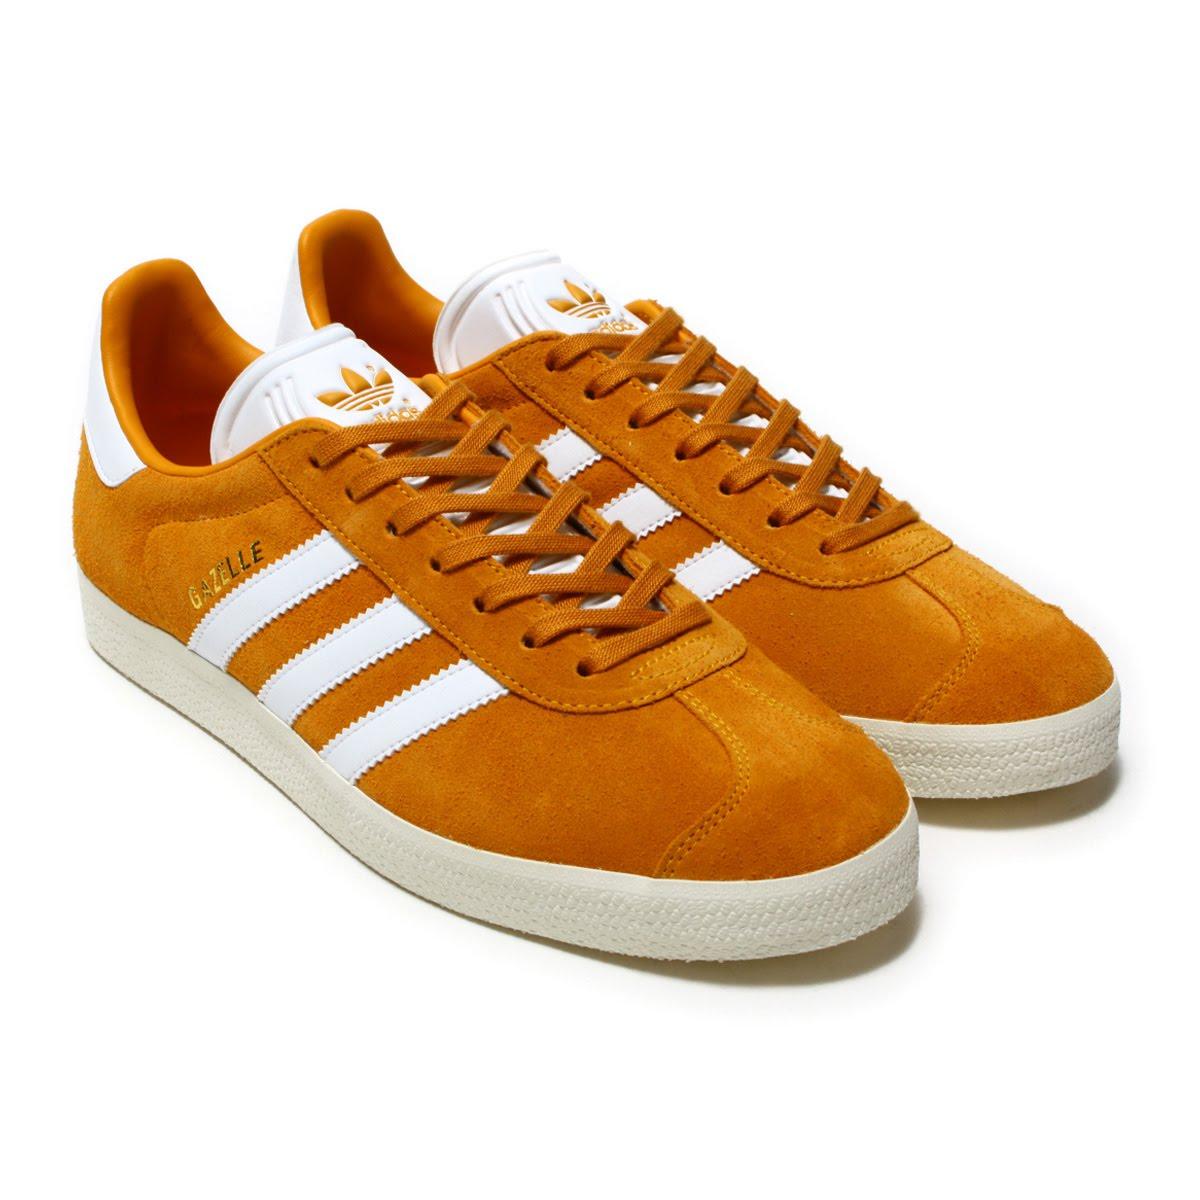 free shipping 1b453 77efe adidas gazelle collegiate gold